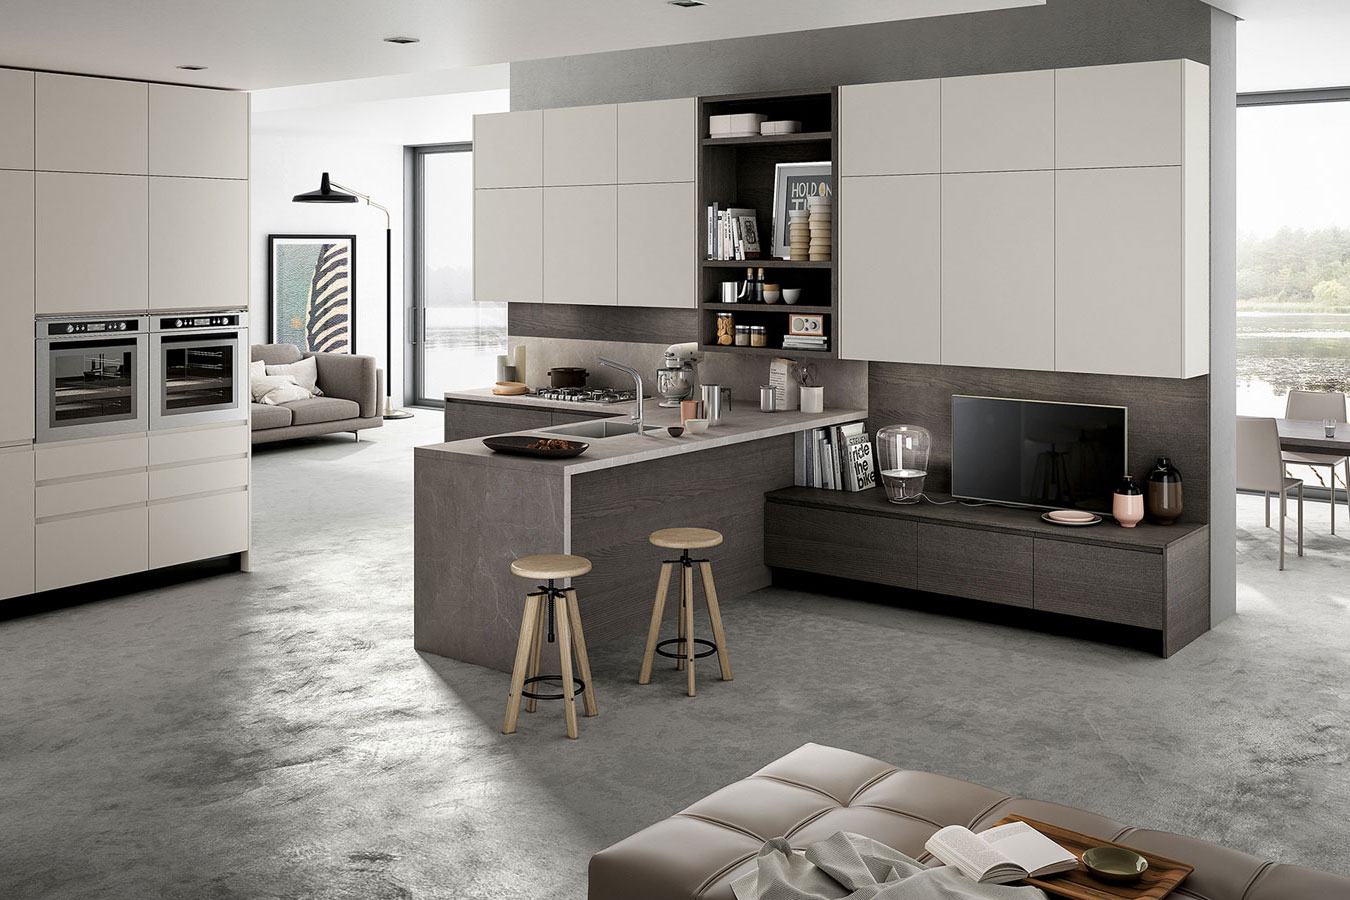 Cucina wega di arredo3 righetti mobili novara for Cucine arredo tre